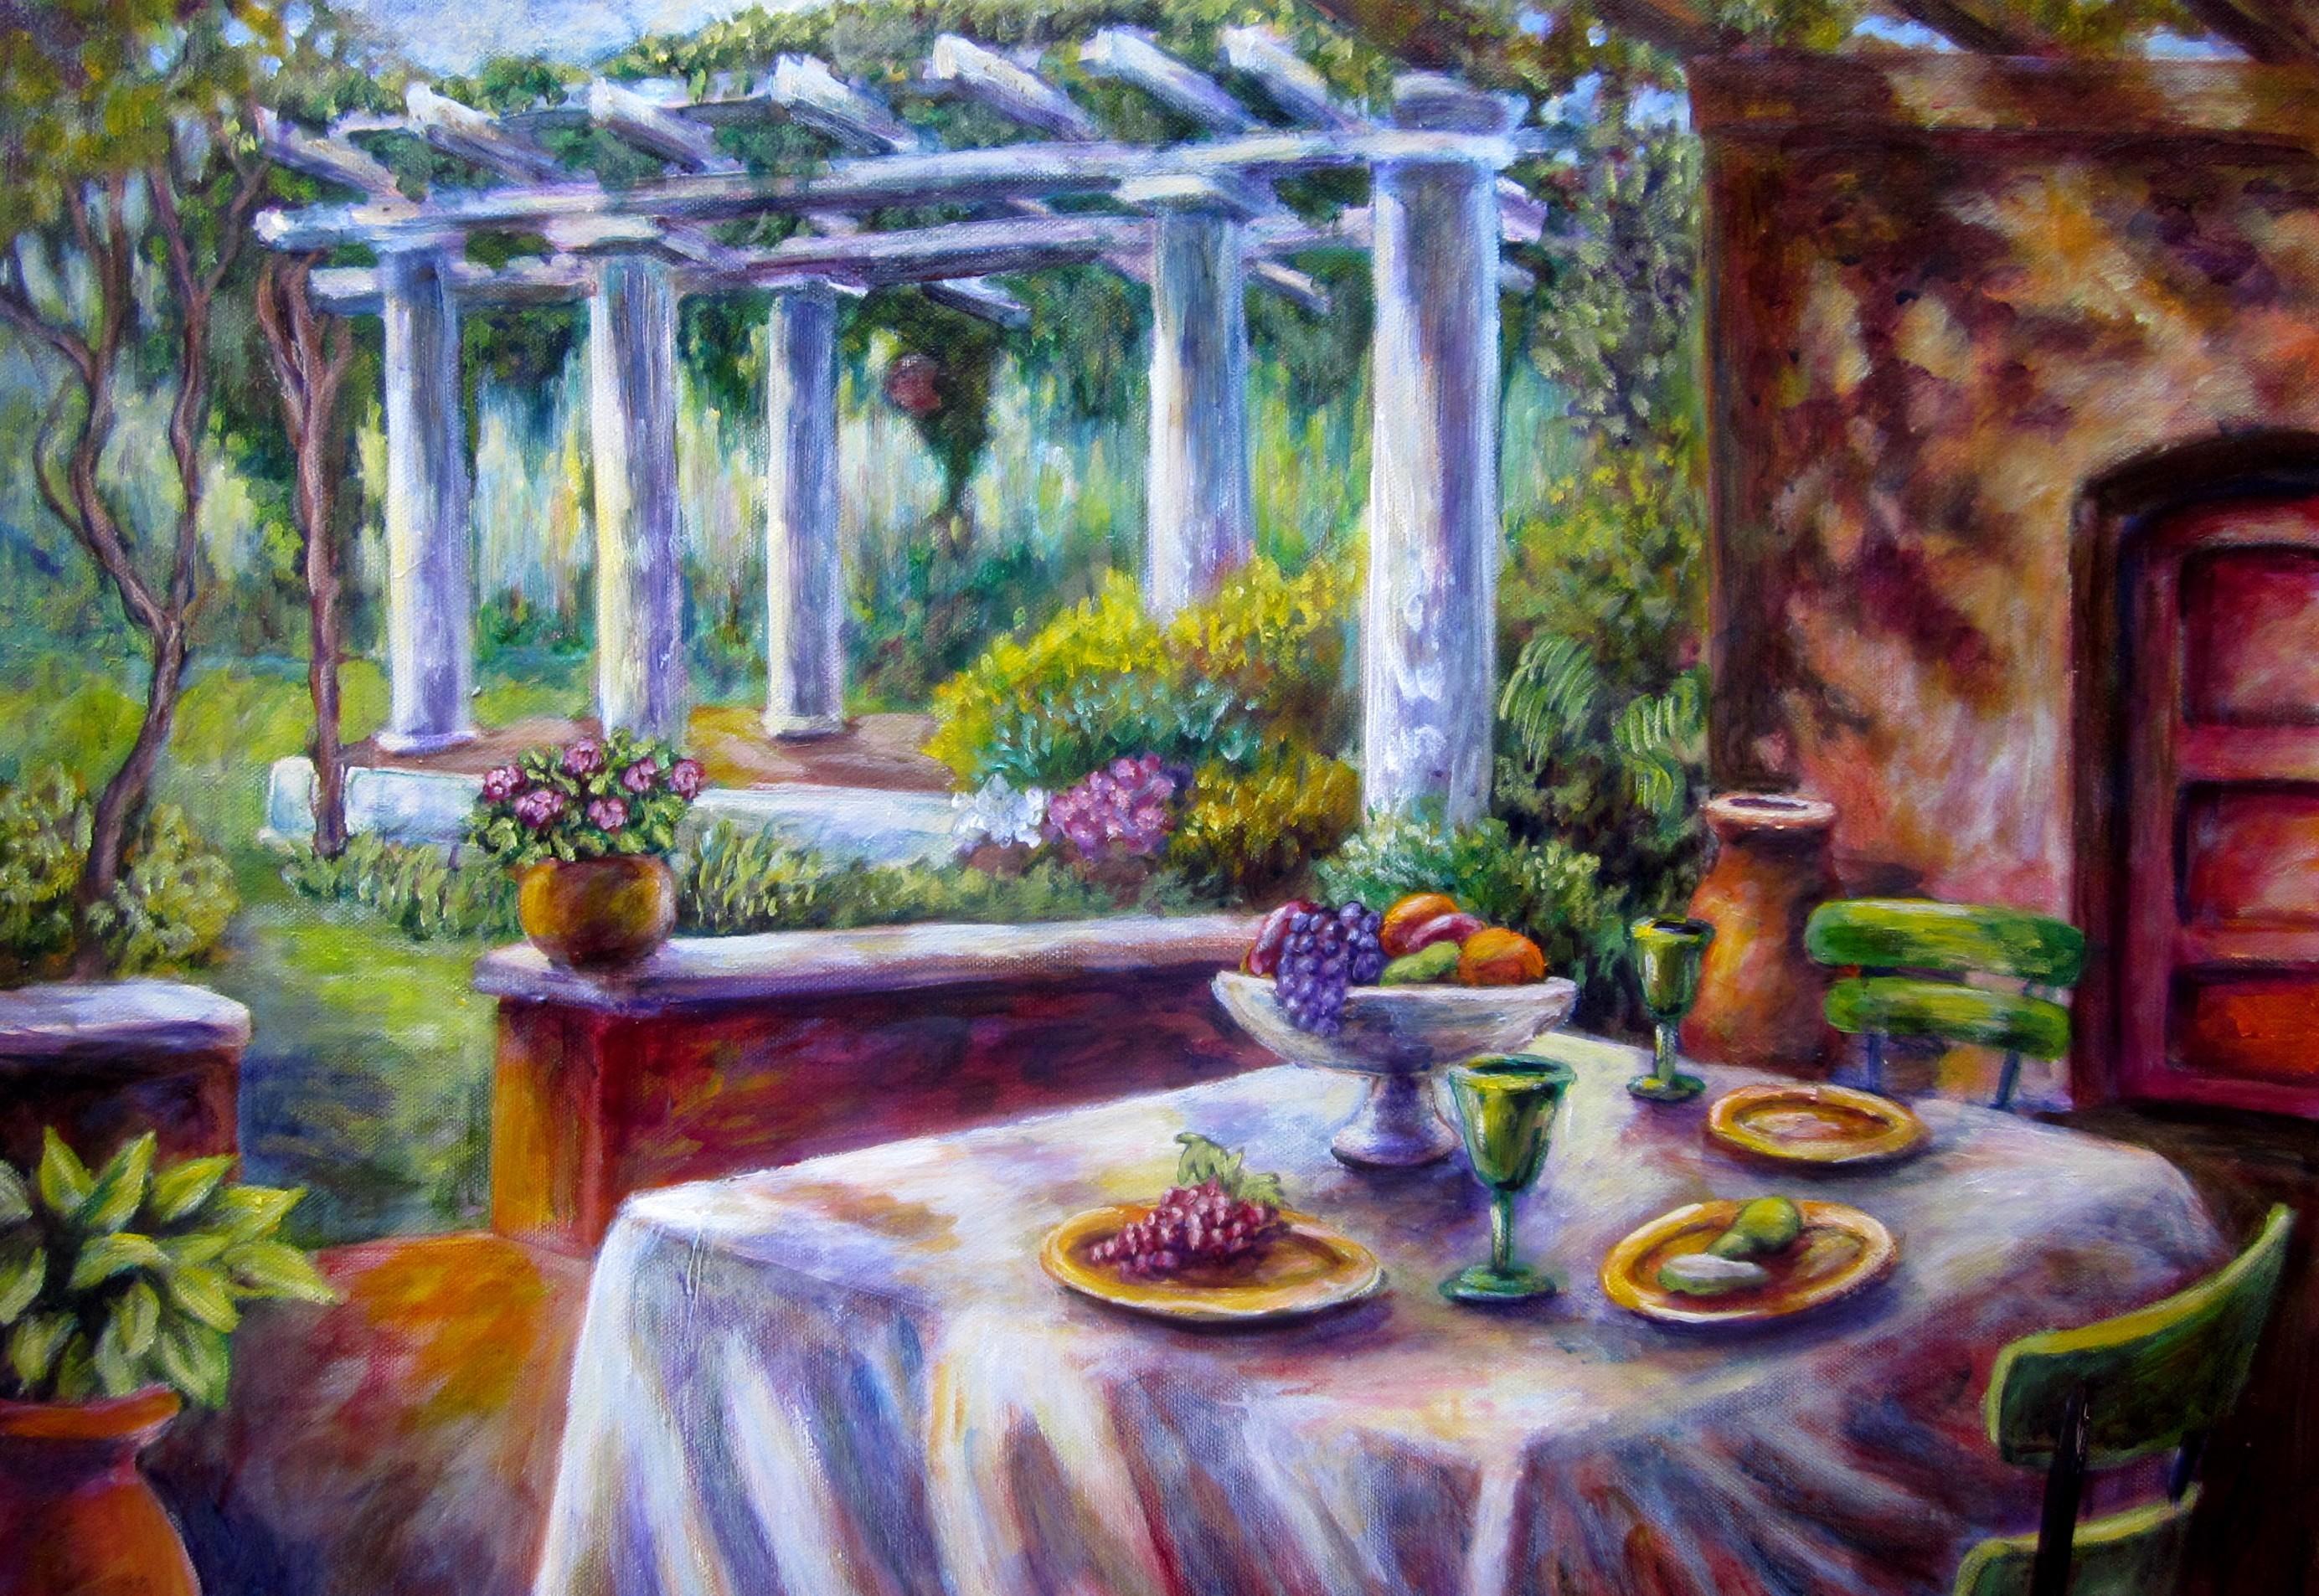 garden images wallpaper hd